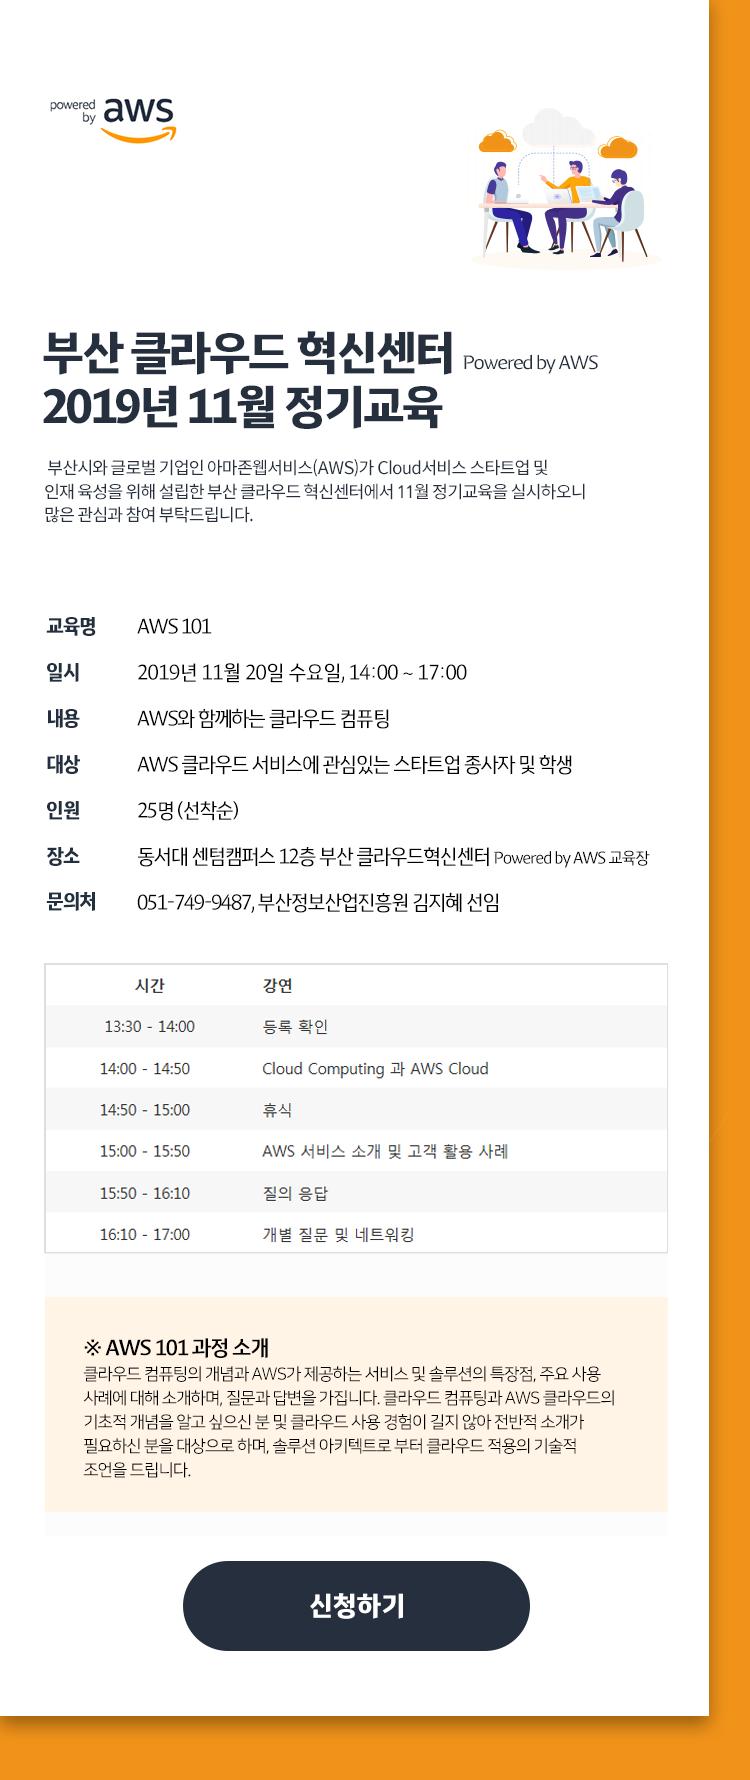 부산 클라우드 혁신센터 Powered by AWS 2019년 11월 정기교육 안내